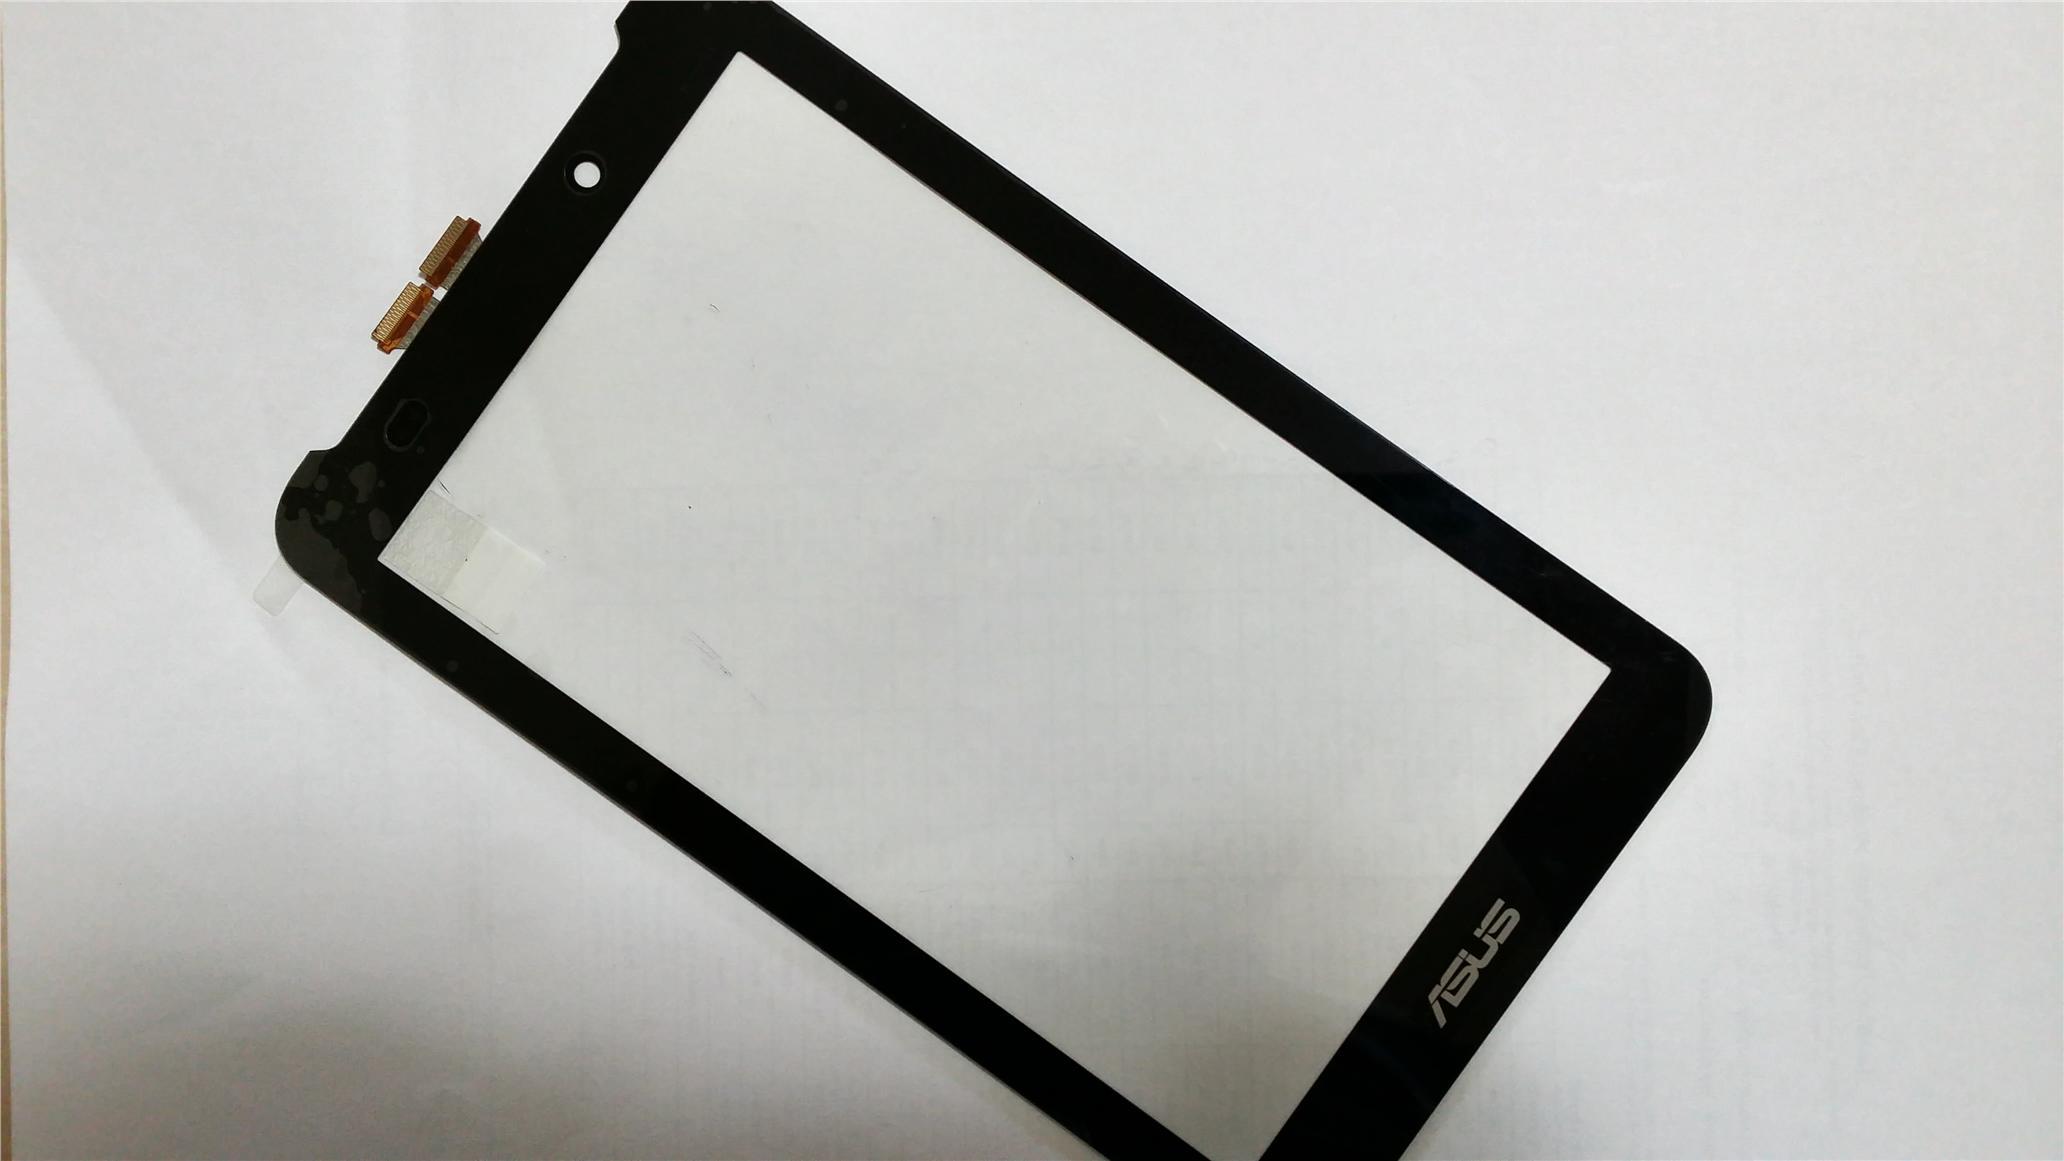 thay-man-hinh-cam-ung-asus-fonePad-7-k012-k00e-1